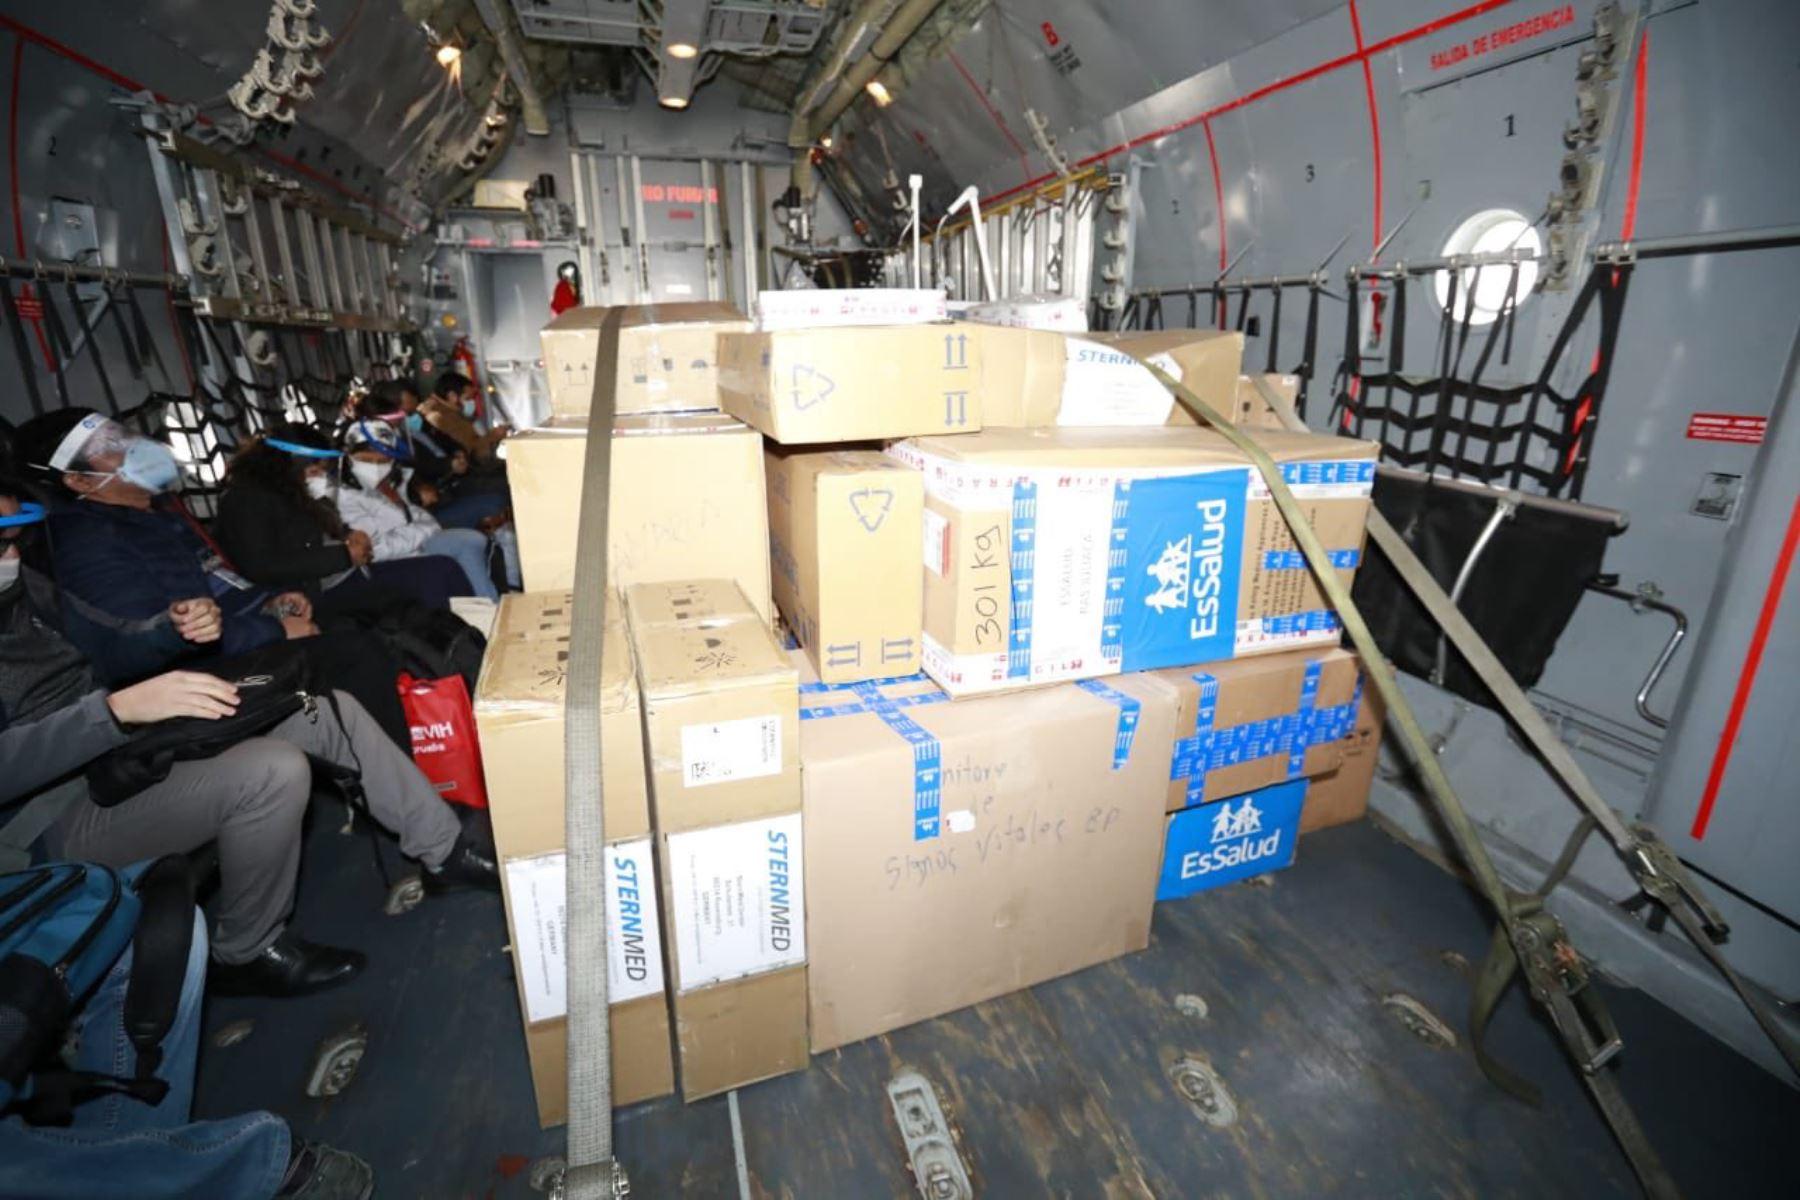 Ministro de Vivienda Carlos Lozada se traslada a Puno con 14 especialistas del Minsa y cinco toneladas de equipos médicos para la atención de la población.  Foto: ANDINA/Ministerio de Vivienda